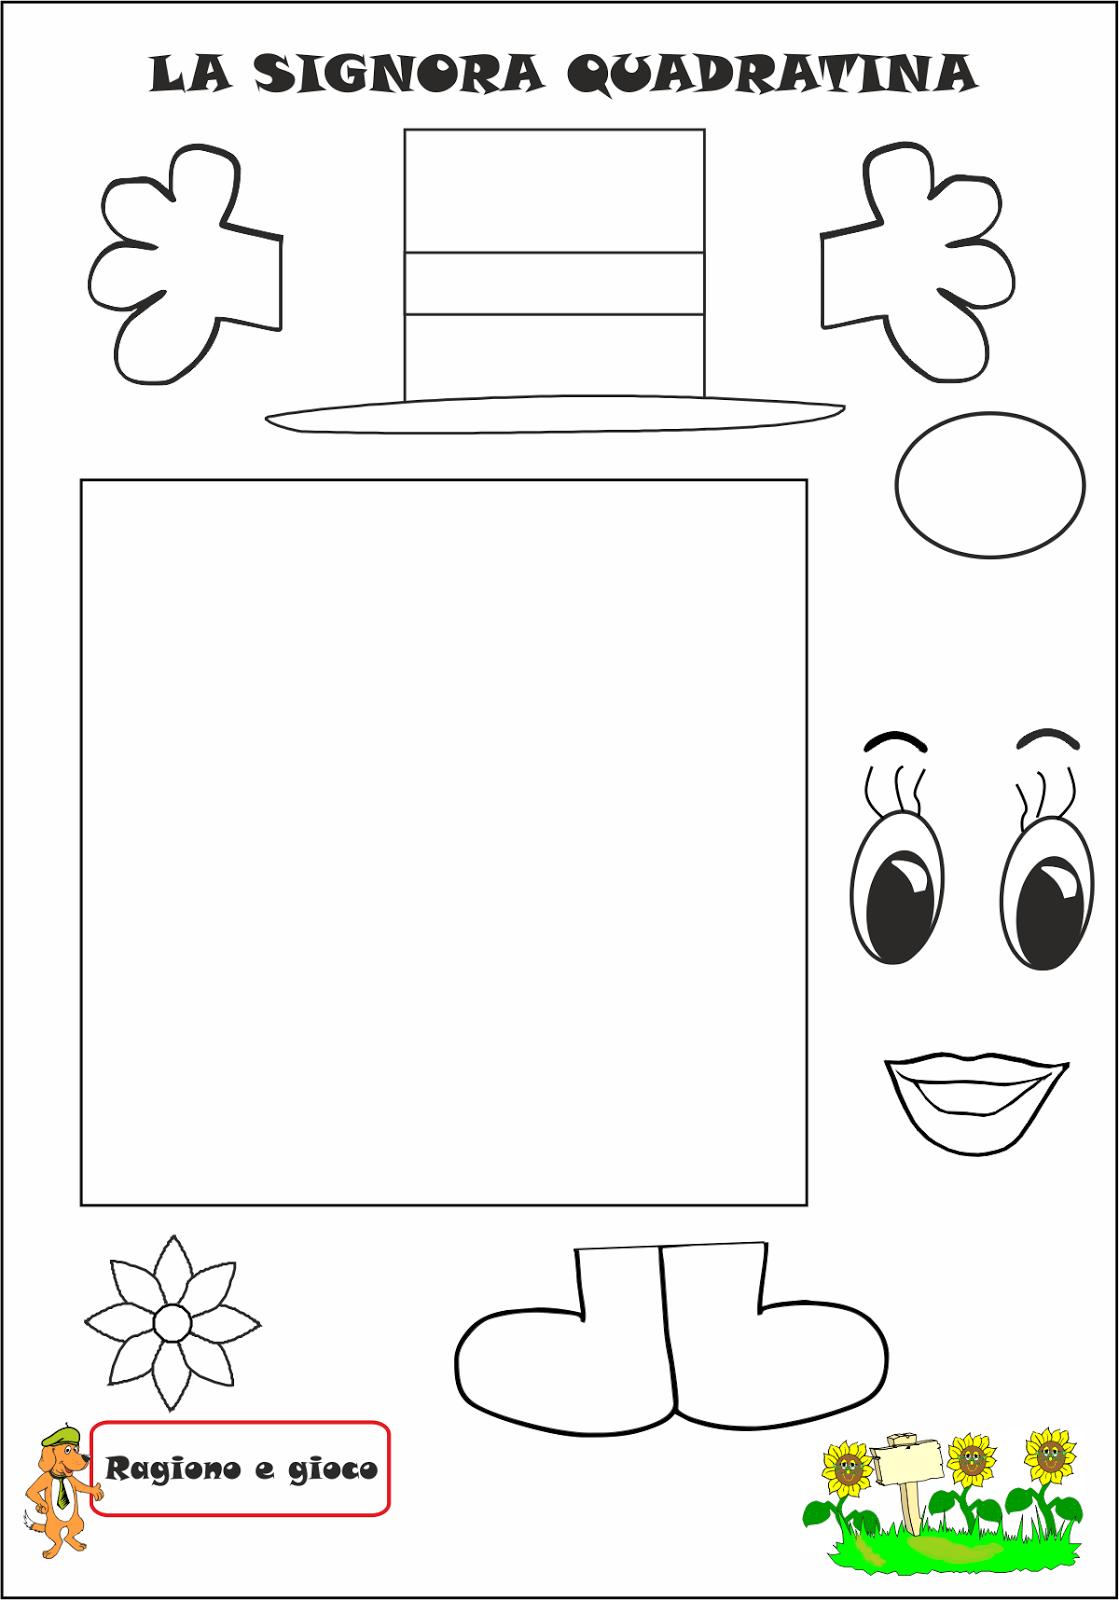 La signora quadratina cornicette educa o escola e - Numero di fogli di lavoro per bambini ...